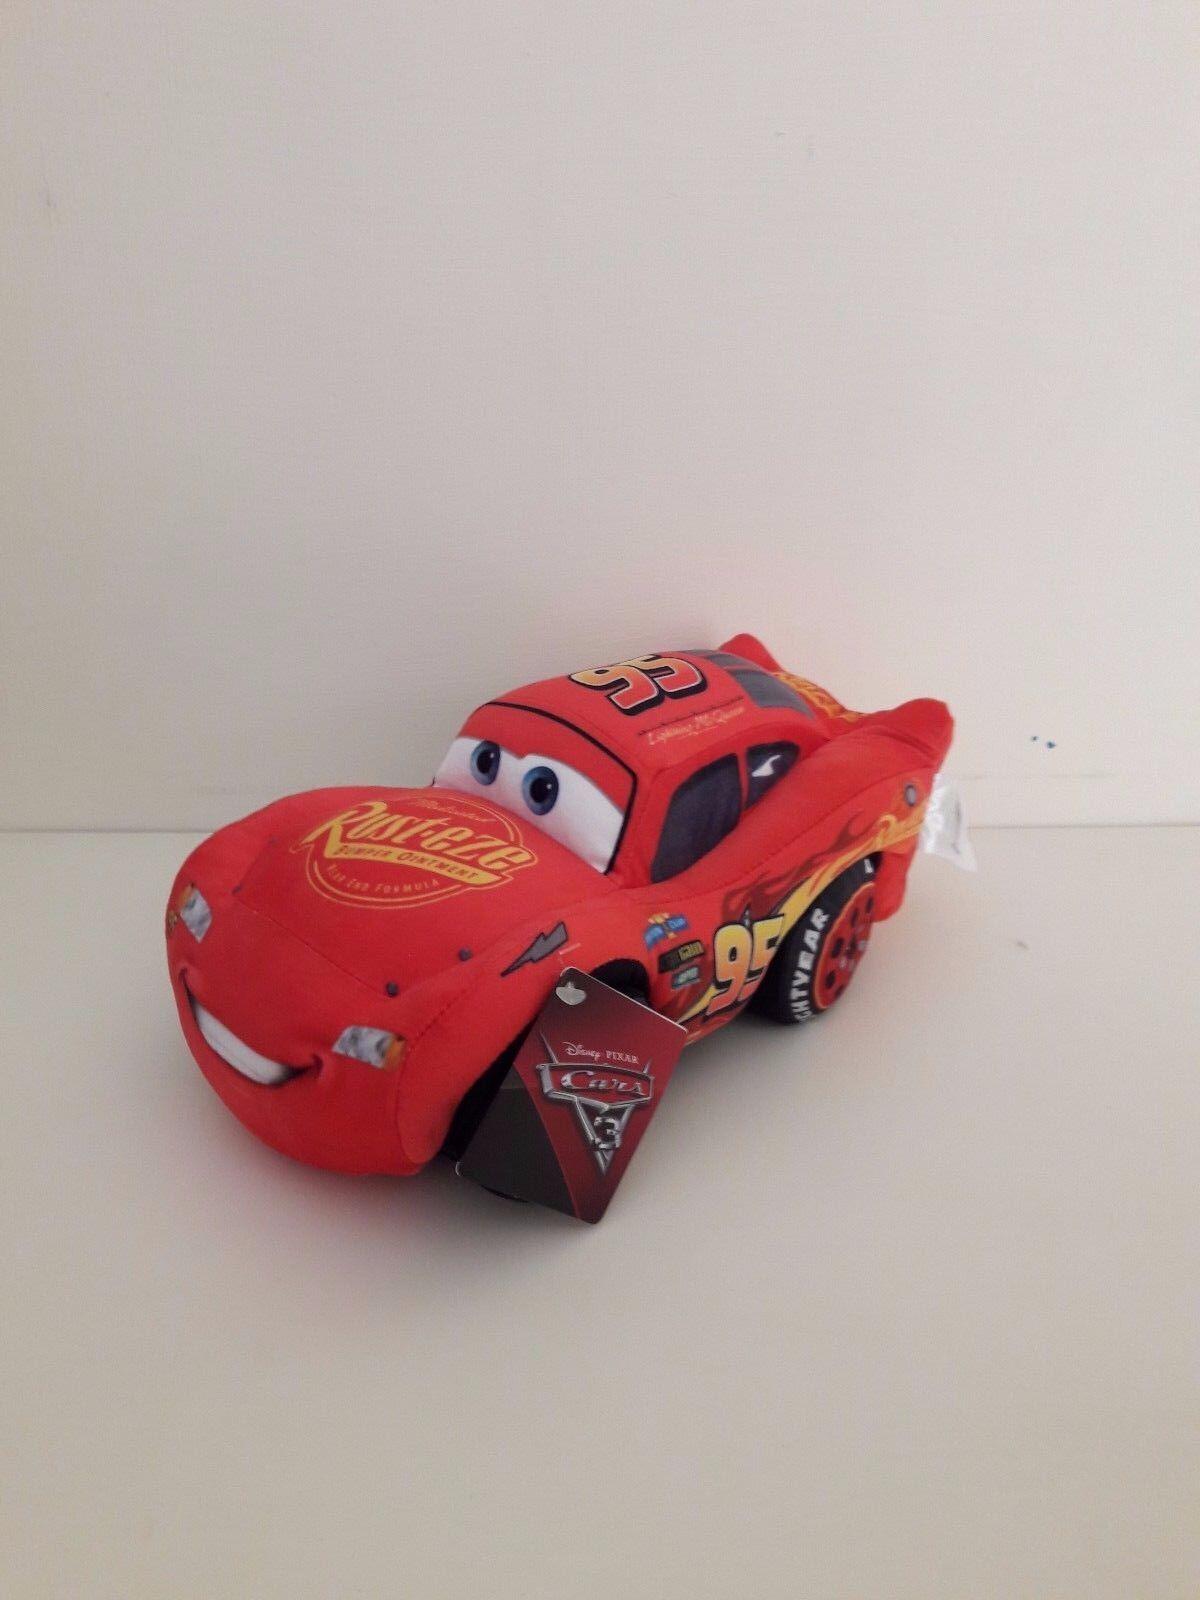 Grandi Giochi Gg01257 Peluche Cars 3 Saetta McQueen 25 cm